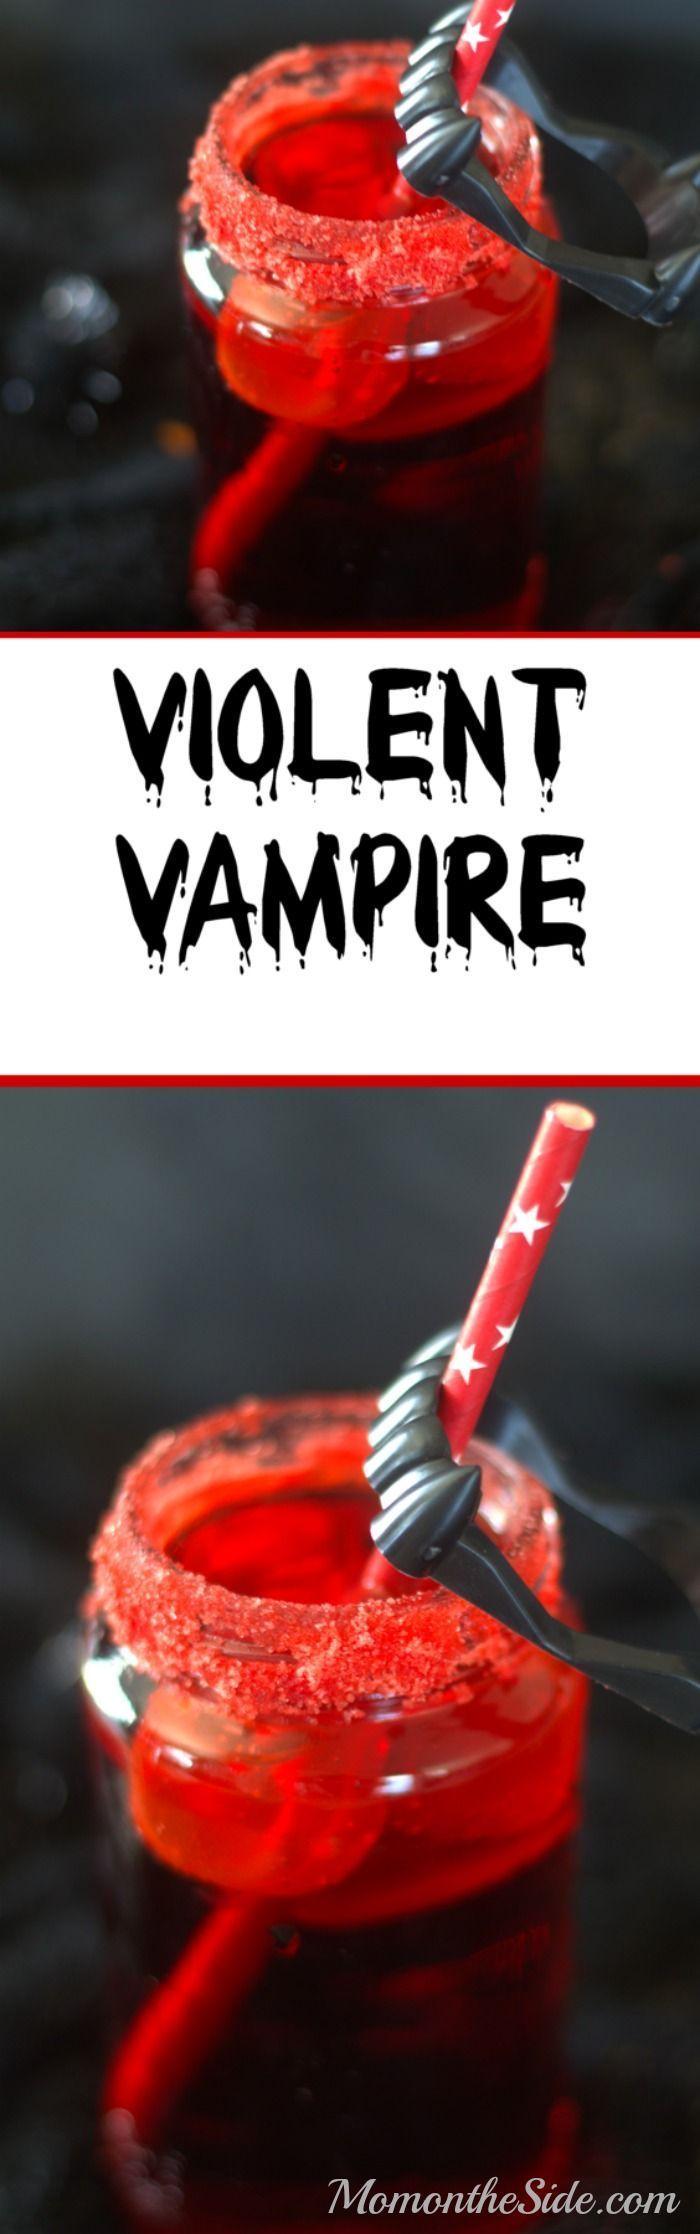 Violent Vampire Drink for Halloween